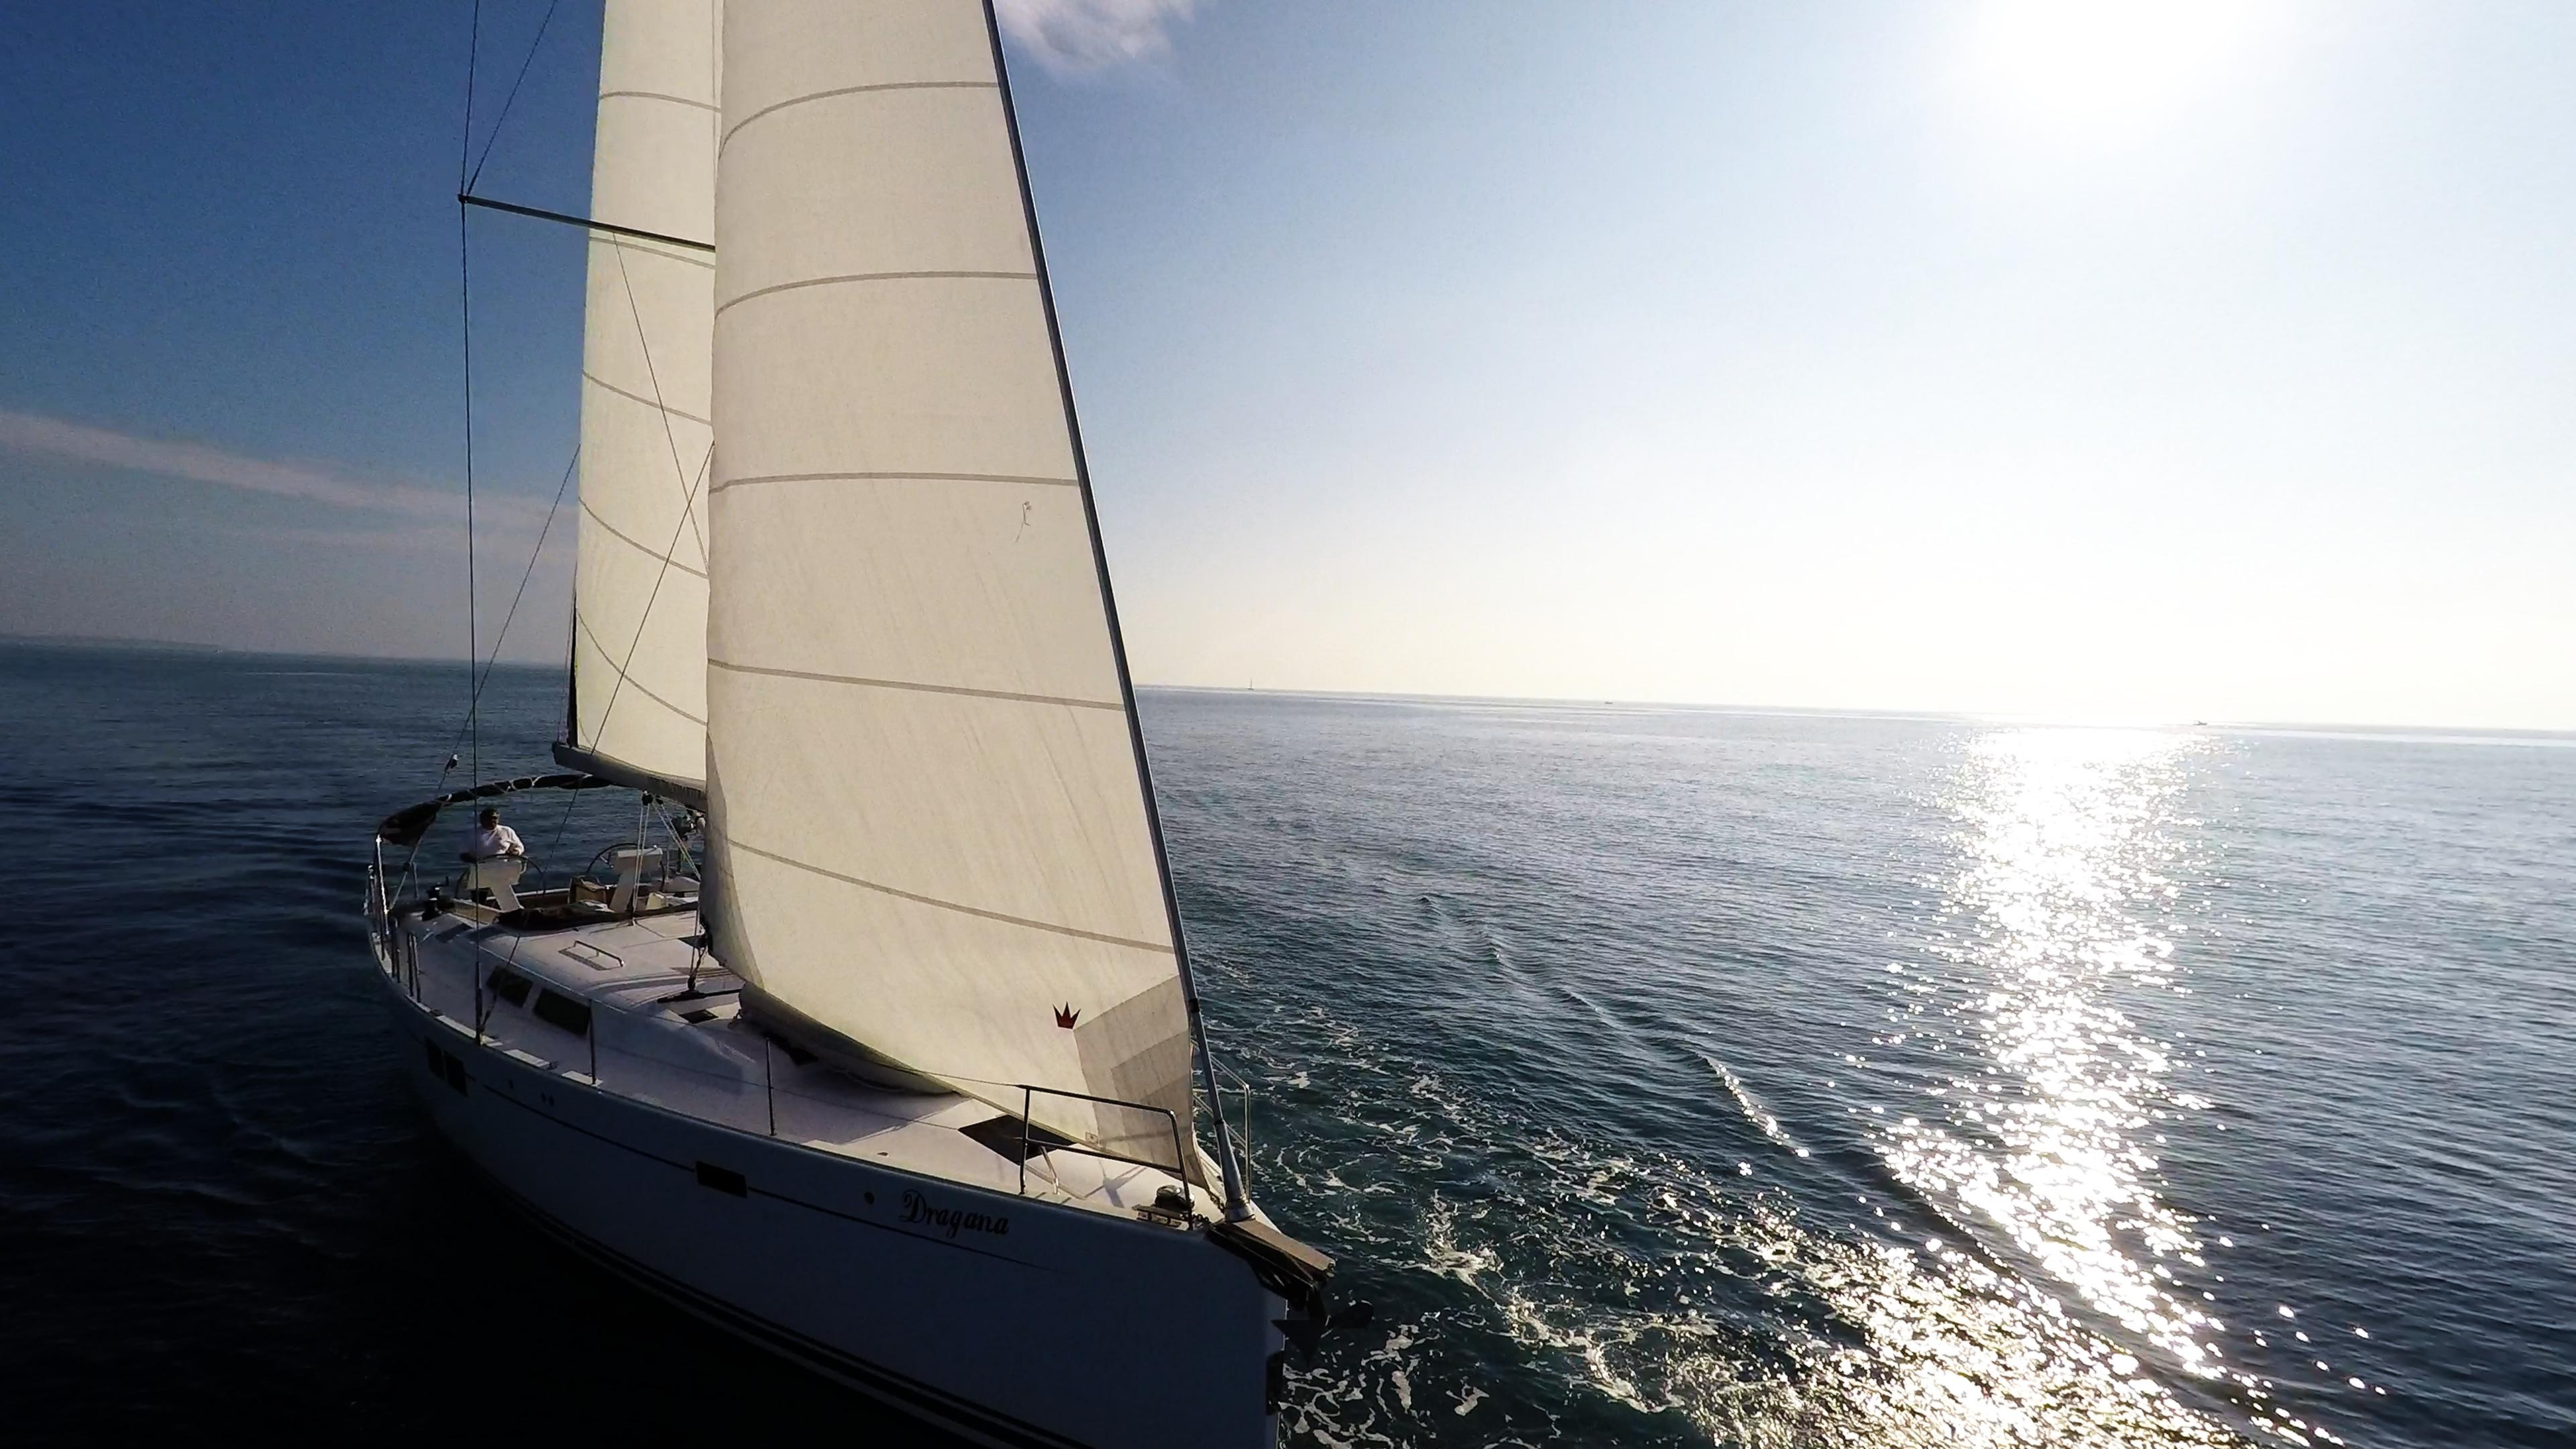 sailing yacht sails sailing yacht boat Hanse 505 sun sea